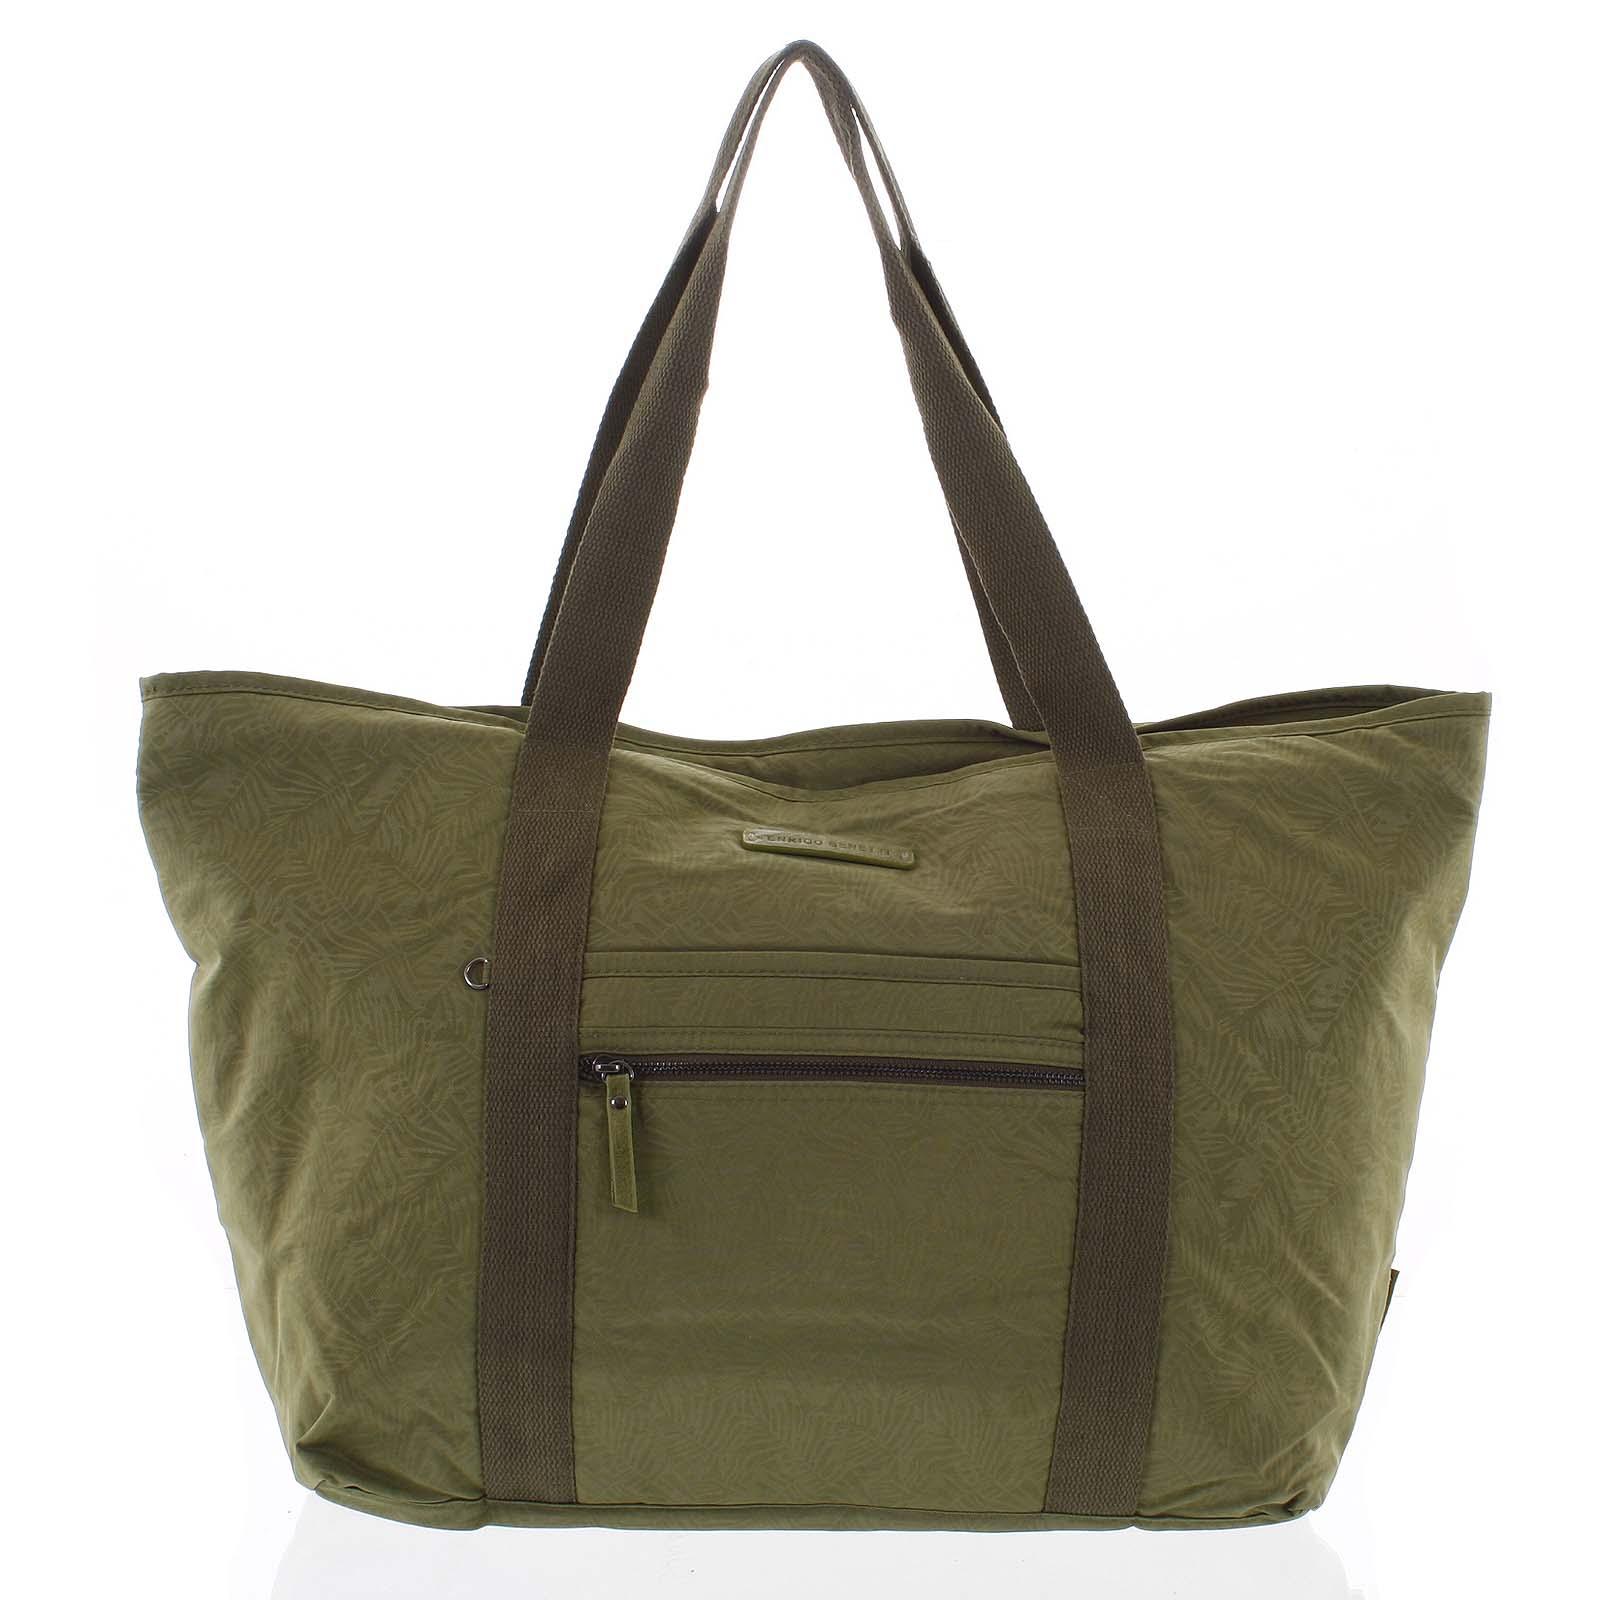 Velká dámská cestovní taška přes rameno zelená - Enrico Benetti Mariam